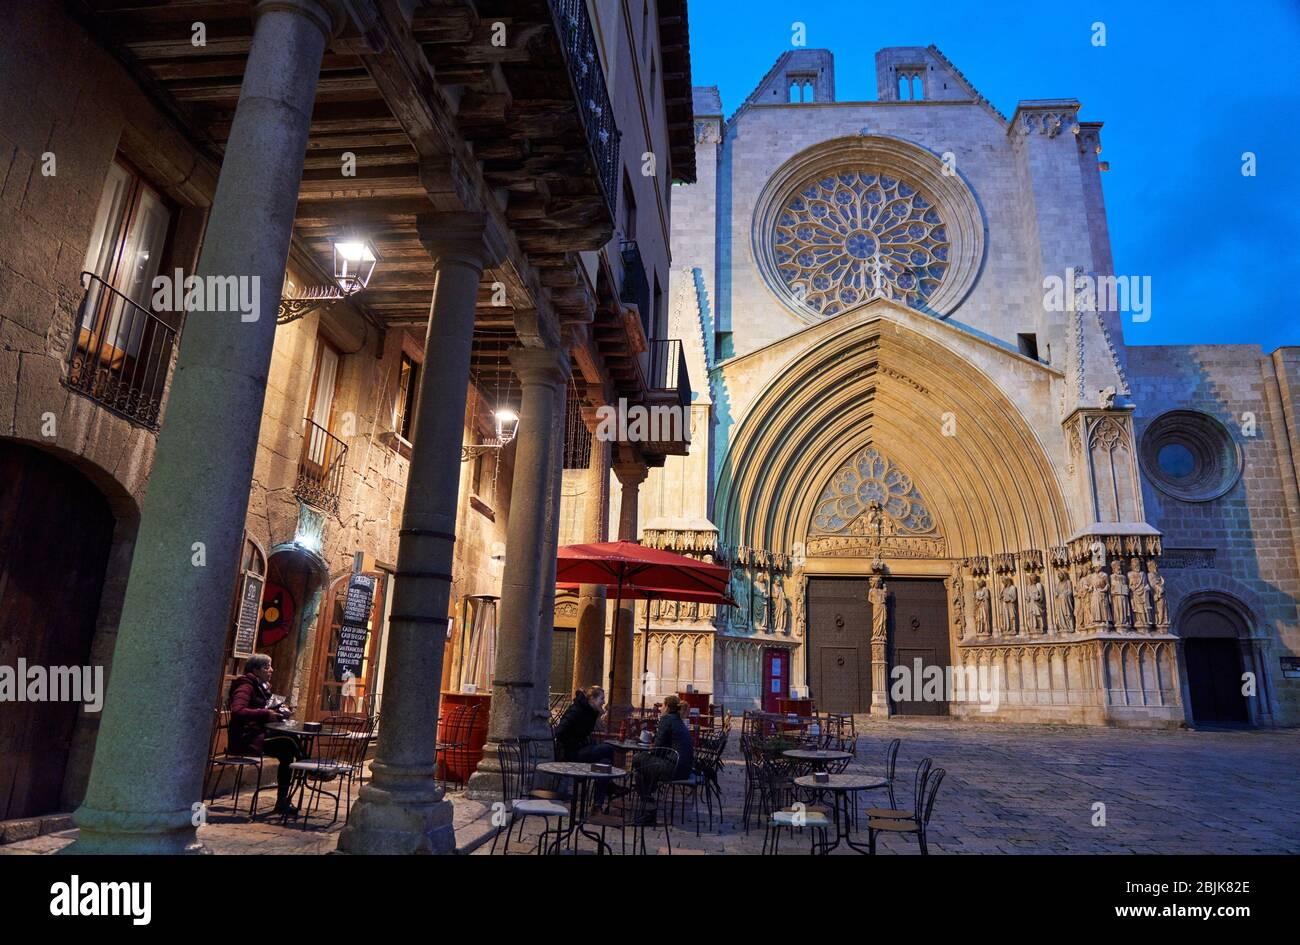 Cathédrale, le Pla de la Seu, ville de Tarragone, Catalogne, Espagne, Europe Banque D'Images